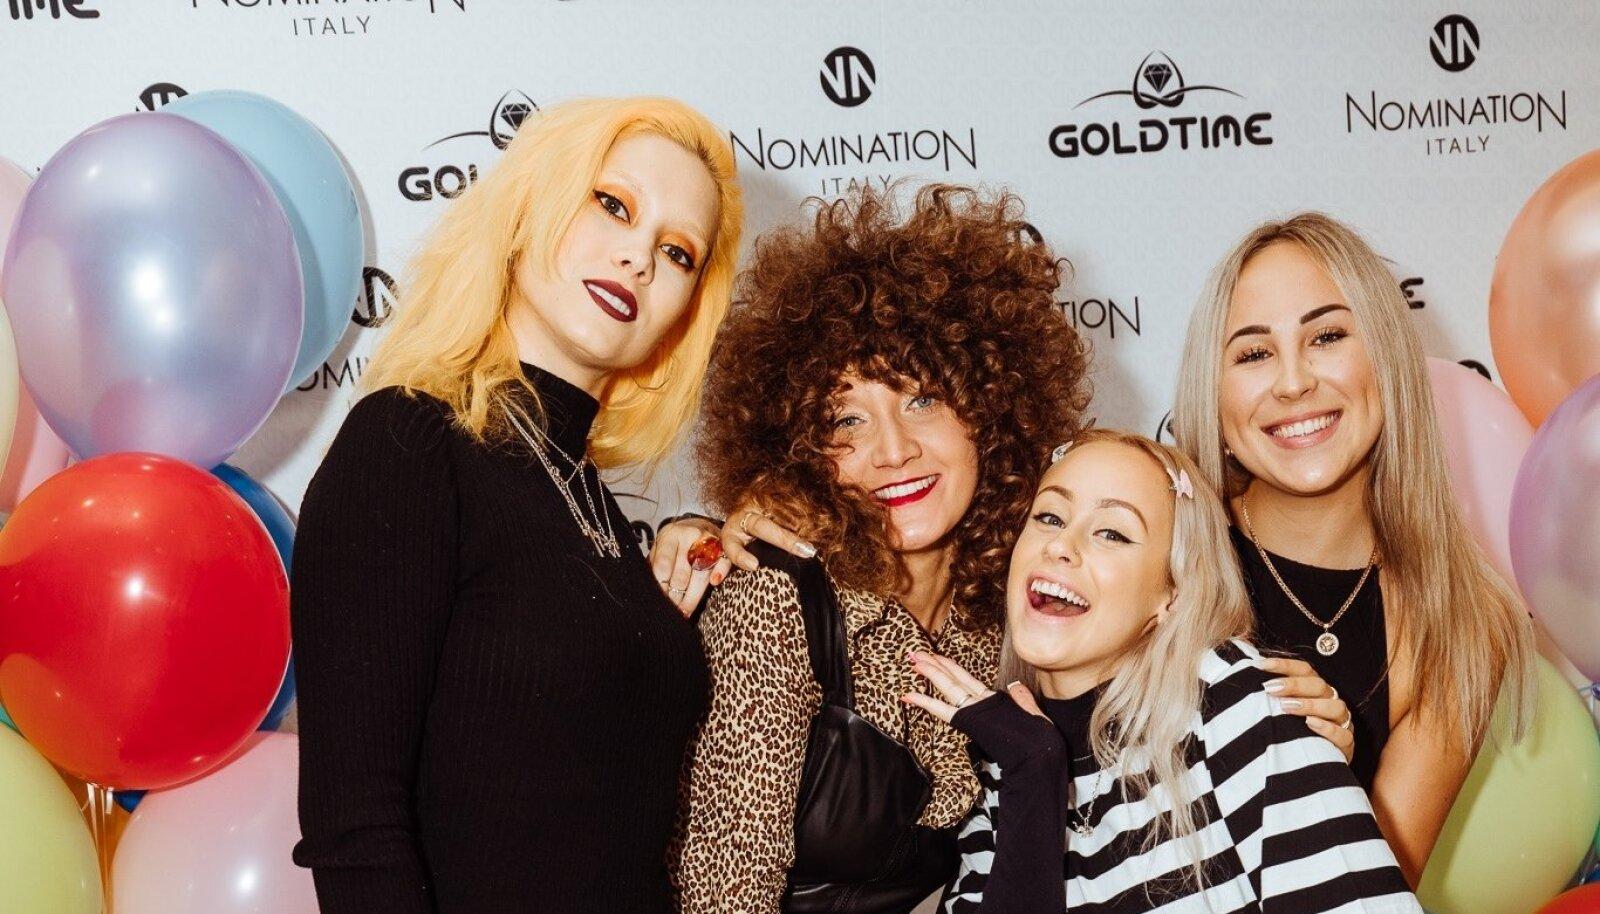 NÄOD NALJA TÄIS Ehteid pole naistel kunagi liiga palju, eriti naisartistidel. Goldtime'i valik lõi Lepatriinul, Laura Pritsil, Merilin Mälgul ja Aleksandria Mironjukil silmad särama.